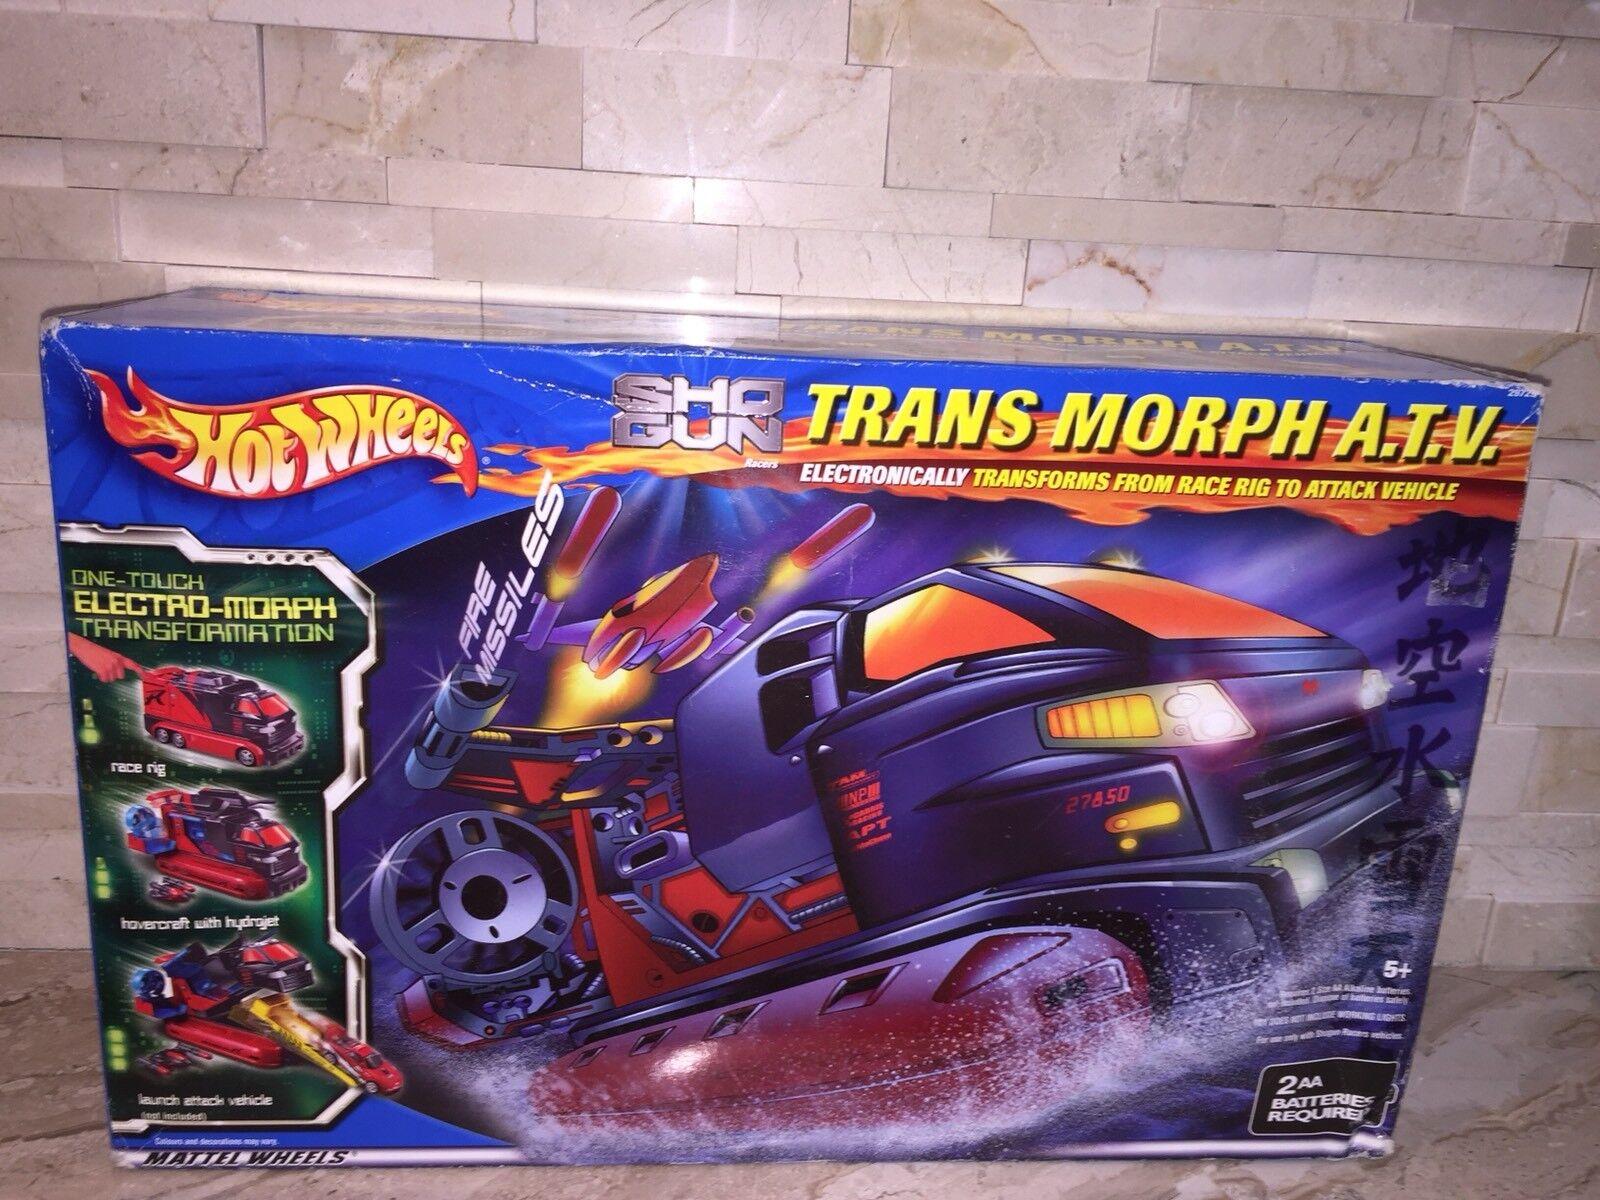 Hot Wheels Sho Gun Trans Morph all-terrain véhicule